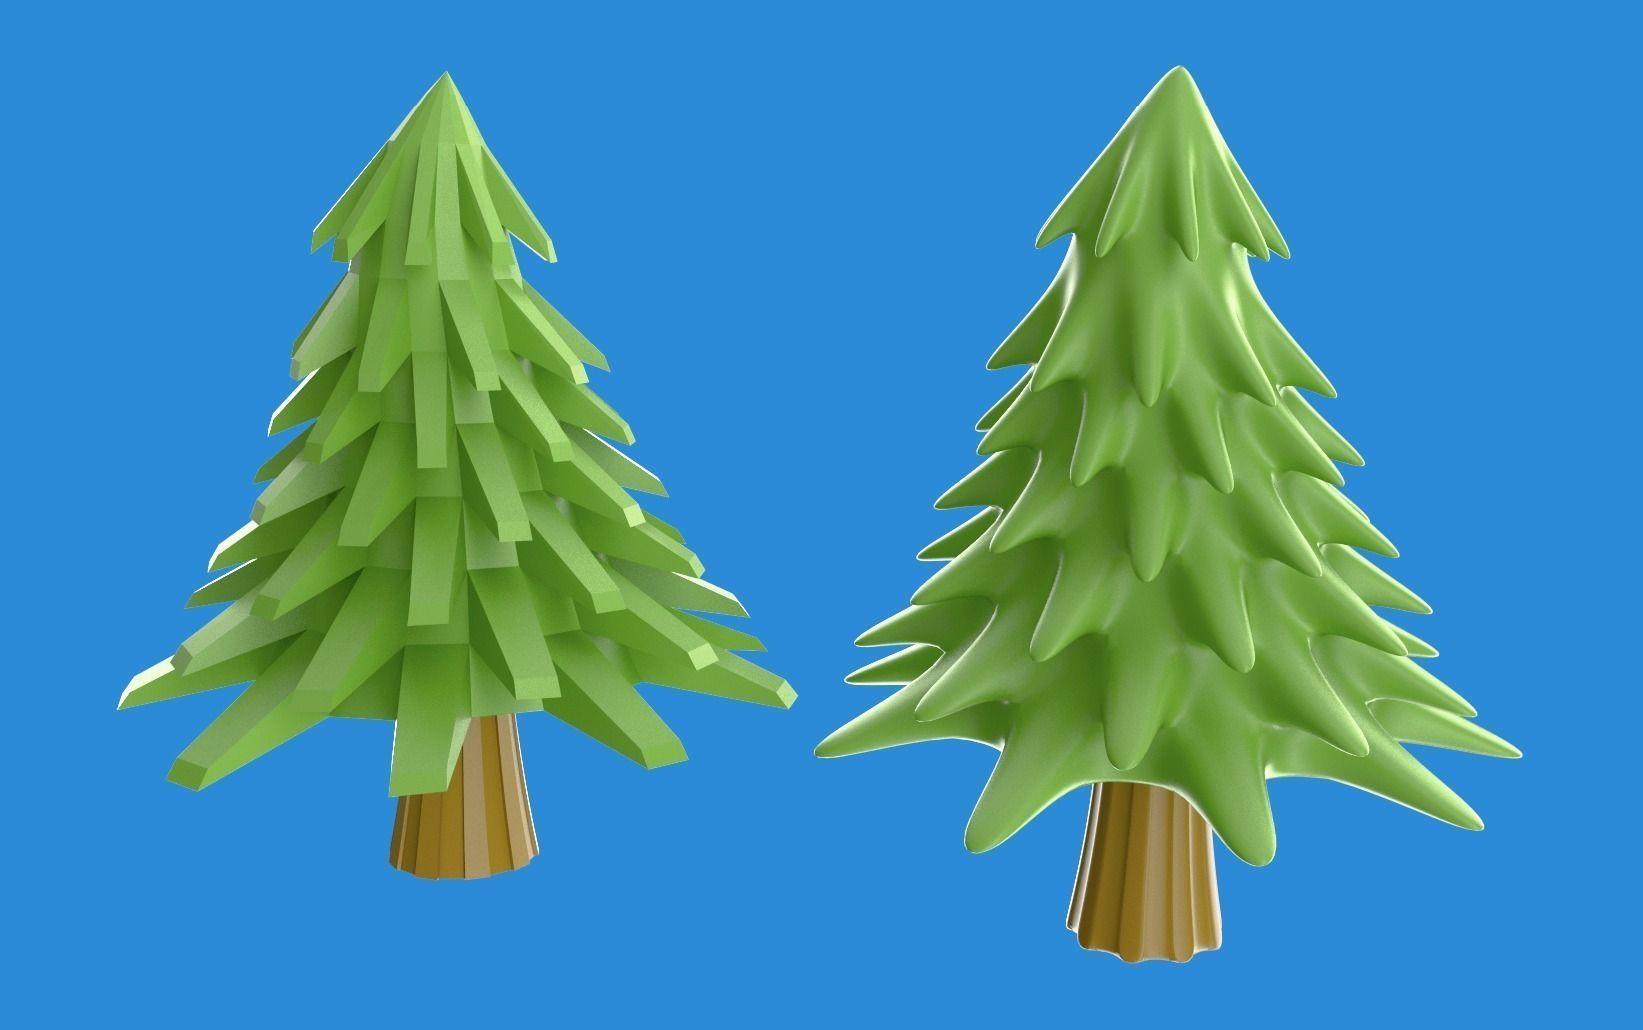 Cartoony pine or xmas tree